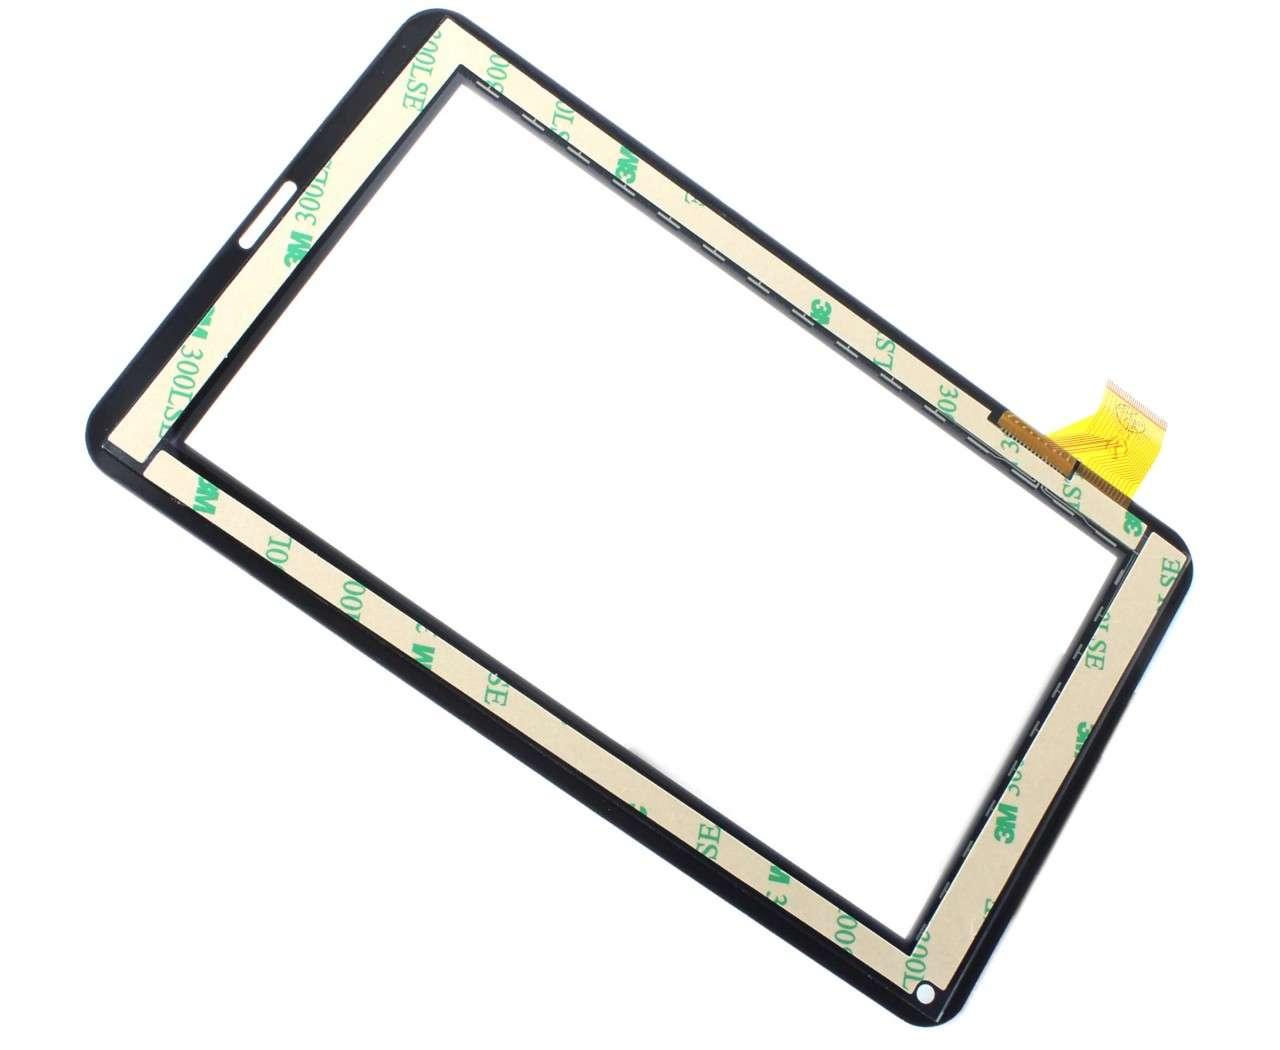 Touchscreen Digitizer Akai JK723 ETAB005A Geam Sticla Tableta imagine powerlaptop.ro 2021